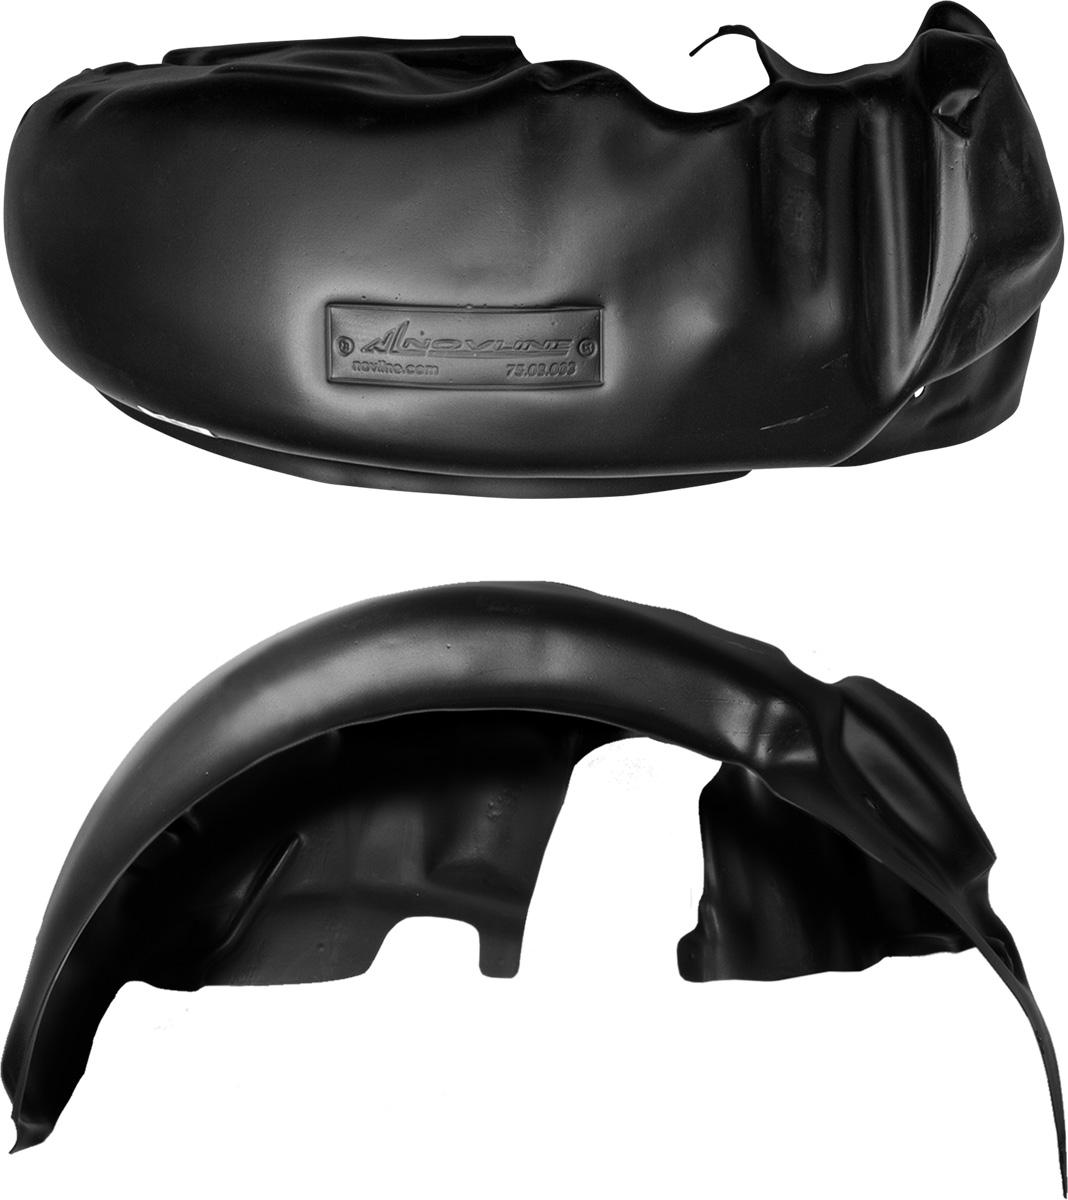 Подкрылок NISSAN Terrano 4x2, 2014->, задний правыйNLL.36.44.004Колесные ниши – одни из самых уязвимых зон днища вашего автомобиля. Они постоянно подвергаются воздействию со стороны дороги. Лучшая, почти абсолютная защита для них - специально отформованные пластиковые кожухи, которые называются подкрылками, или локерами. Производятся они как для отечественных моделей автомобилей, так и для иномарок. Подкрылки выполнены из высококачественного, экологически чистого пластика. Обеспечивают надежную защиту кузова автомобиля от пескоструйного эффекта и негативного влияния, агрессивных антигололедных реагентов. Пластик обладает более низкой теплопроводностью, чем металл, поэтому в зимний период эксплуатации использование пластиковых подкрылков позволяет лучше защитить колесные ниши от налипания снега и образования наледи. Оригинальность конструкции подчеркивает элегантность автомобиля, бережно защищает нанесенное на днище кузова антикоррозийное покрытие и позволяет осуществить крепление подкрылков внутри колесной арки практически без дополнительного...